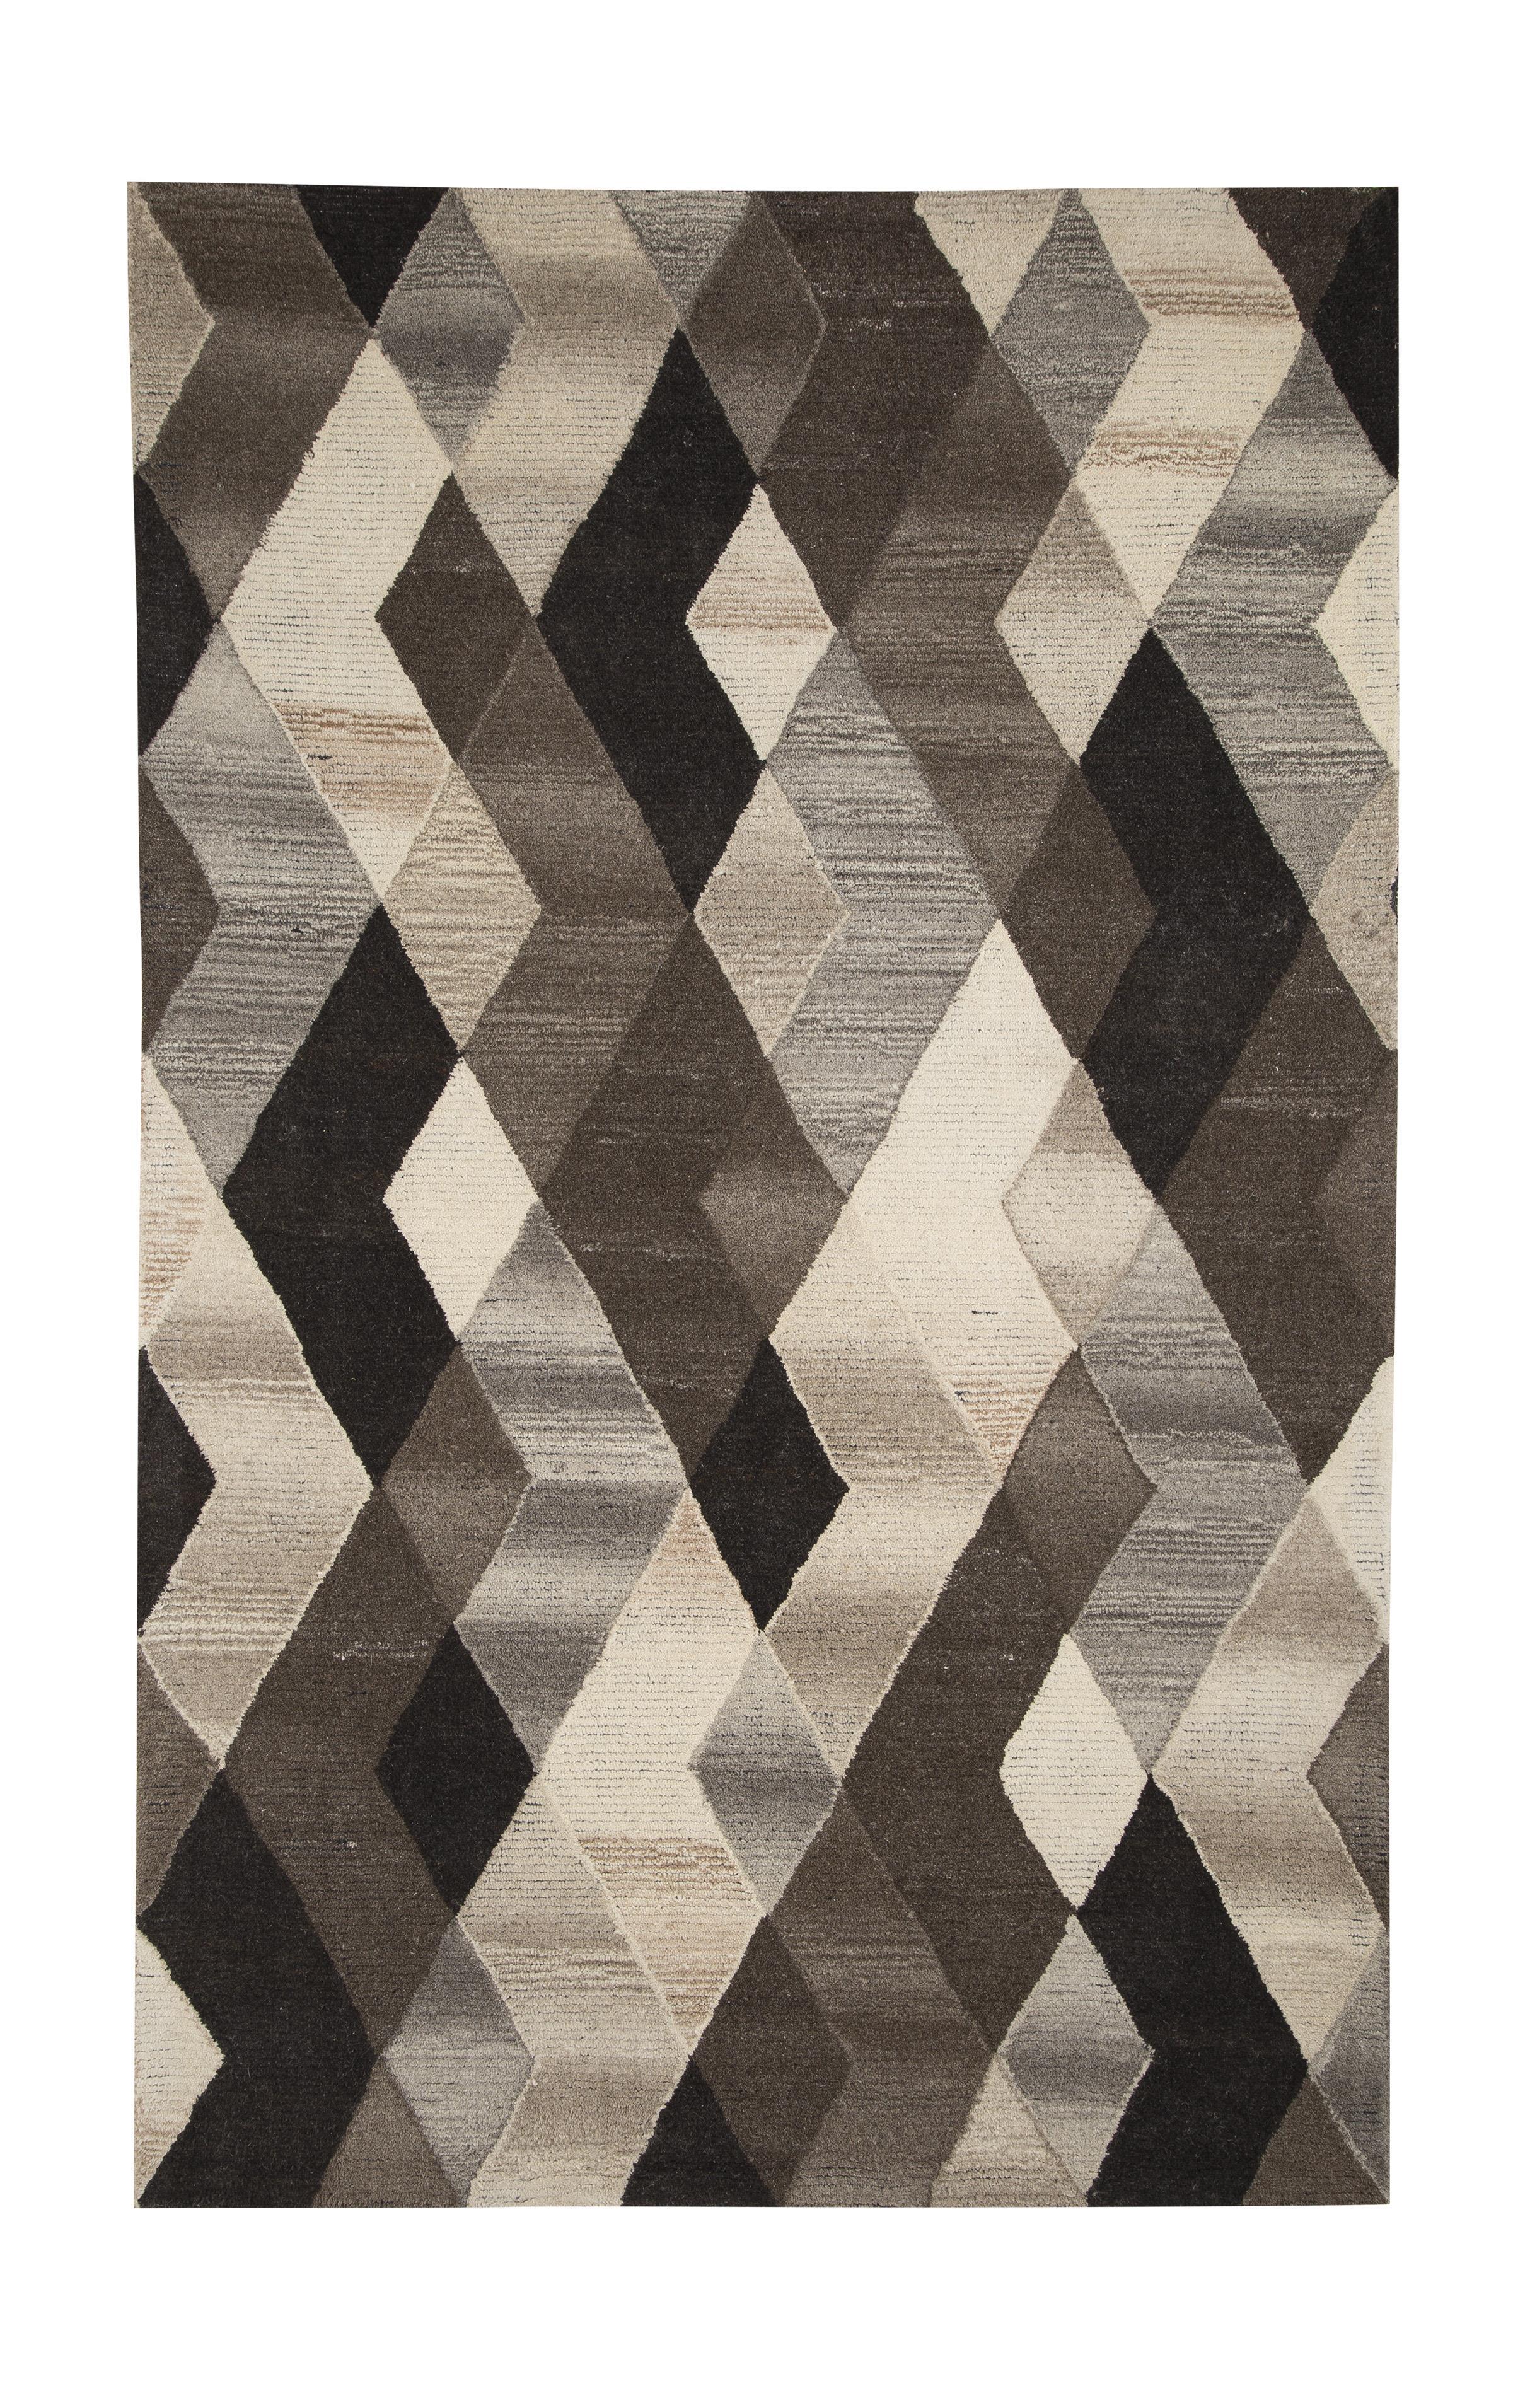 Signature Design by Ashley Contemporary Area Rugs Scoggins Black/White Medium Rug - Item Number: R400232